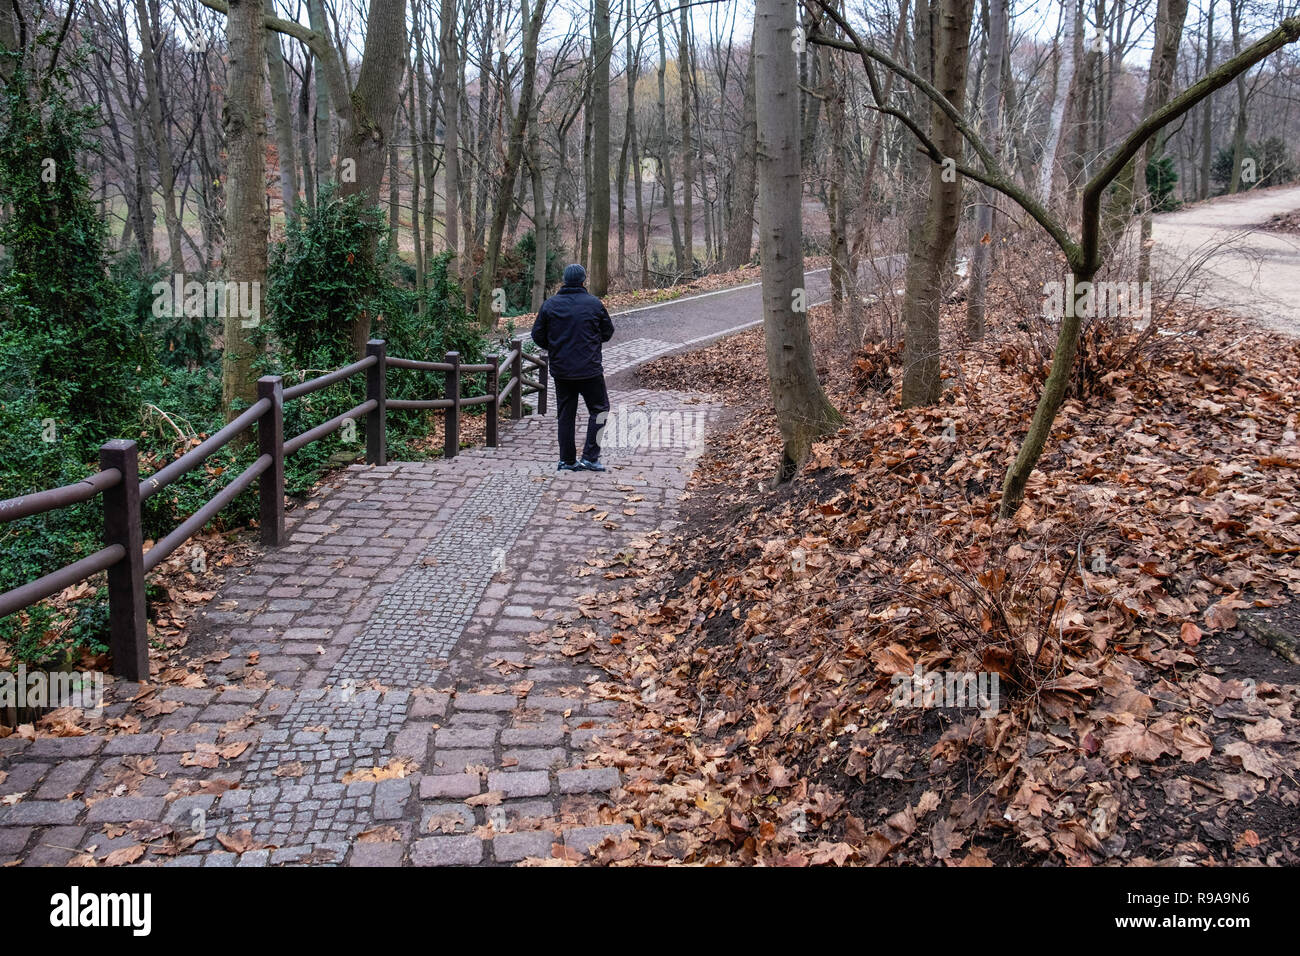 Berlin Volkspark Humboldthain public park, Young man walking, in winter, - Stock Image